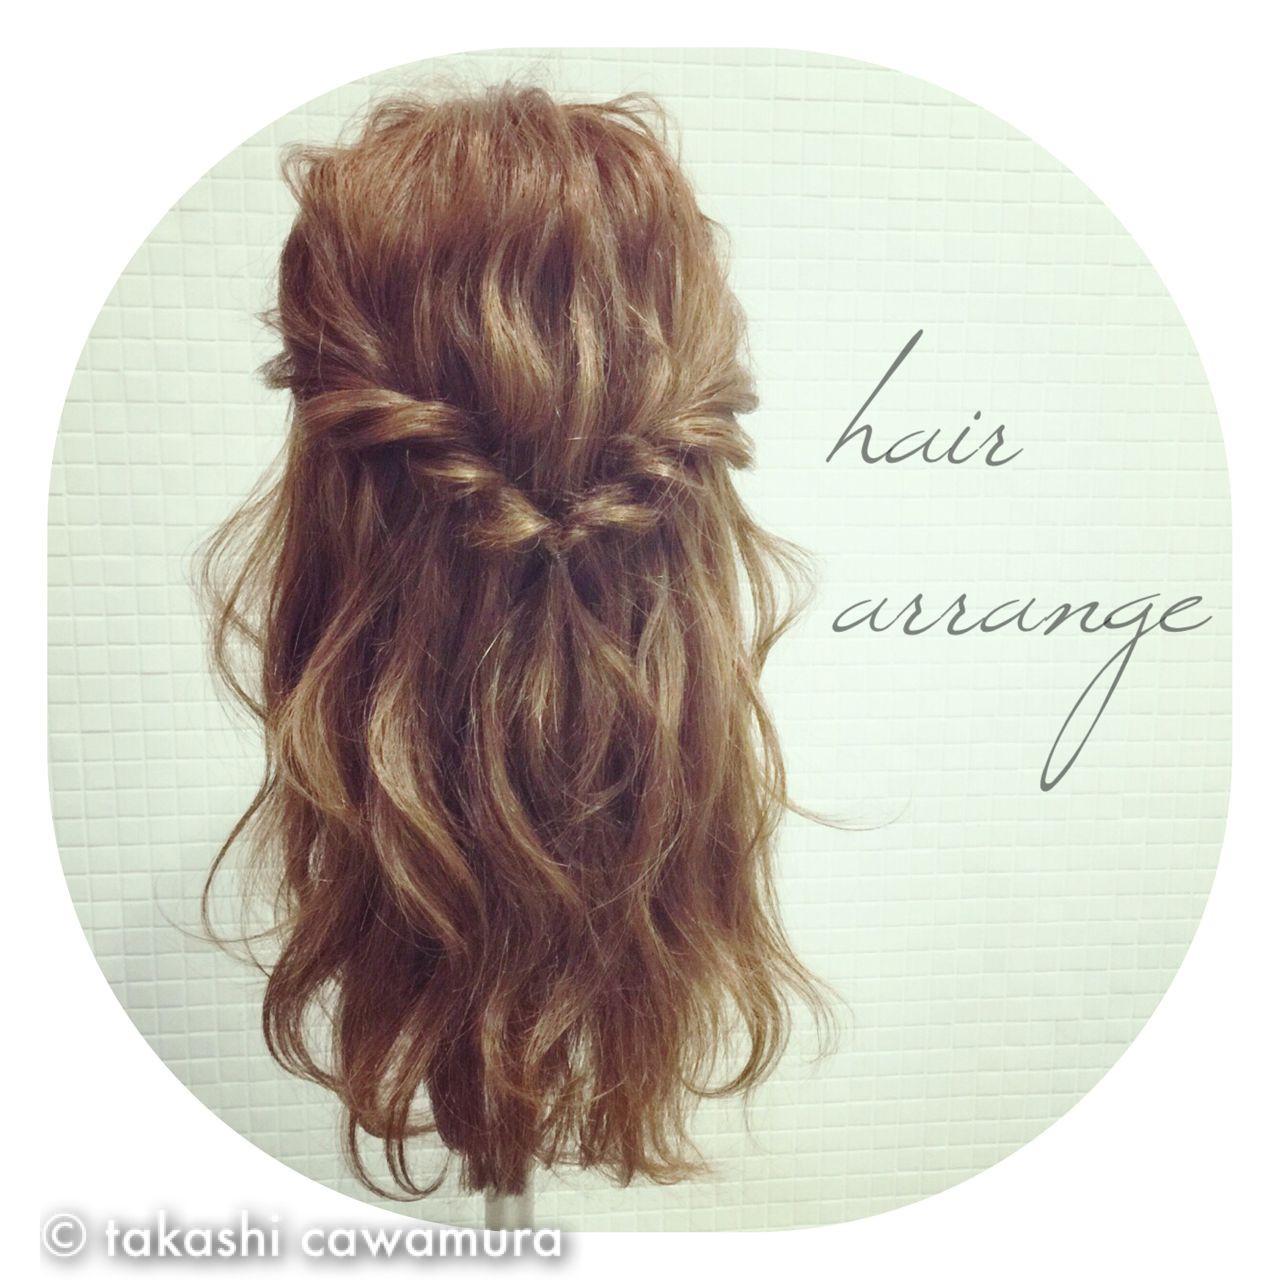 ヘアアレンジ ロング ツイスト 簡単ヘアアレンジ ヘアスタイルや髪型の写真・画像